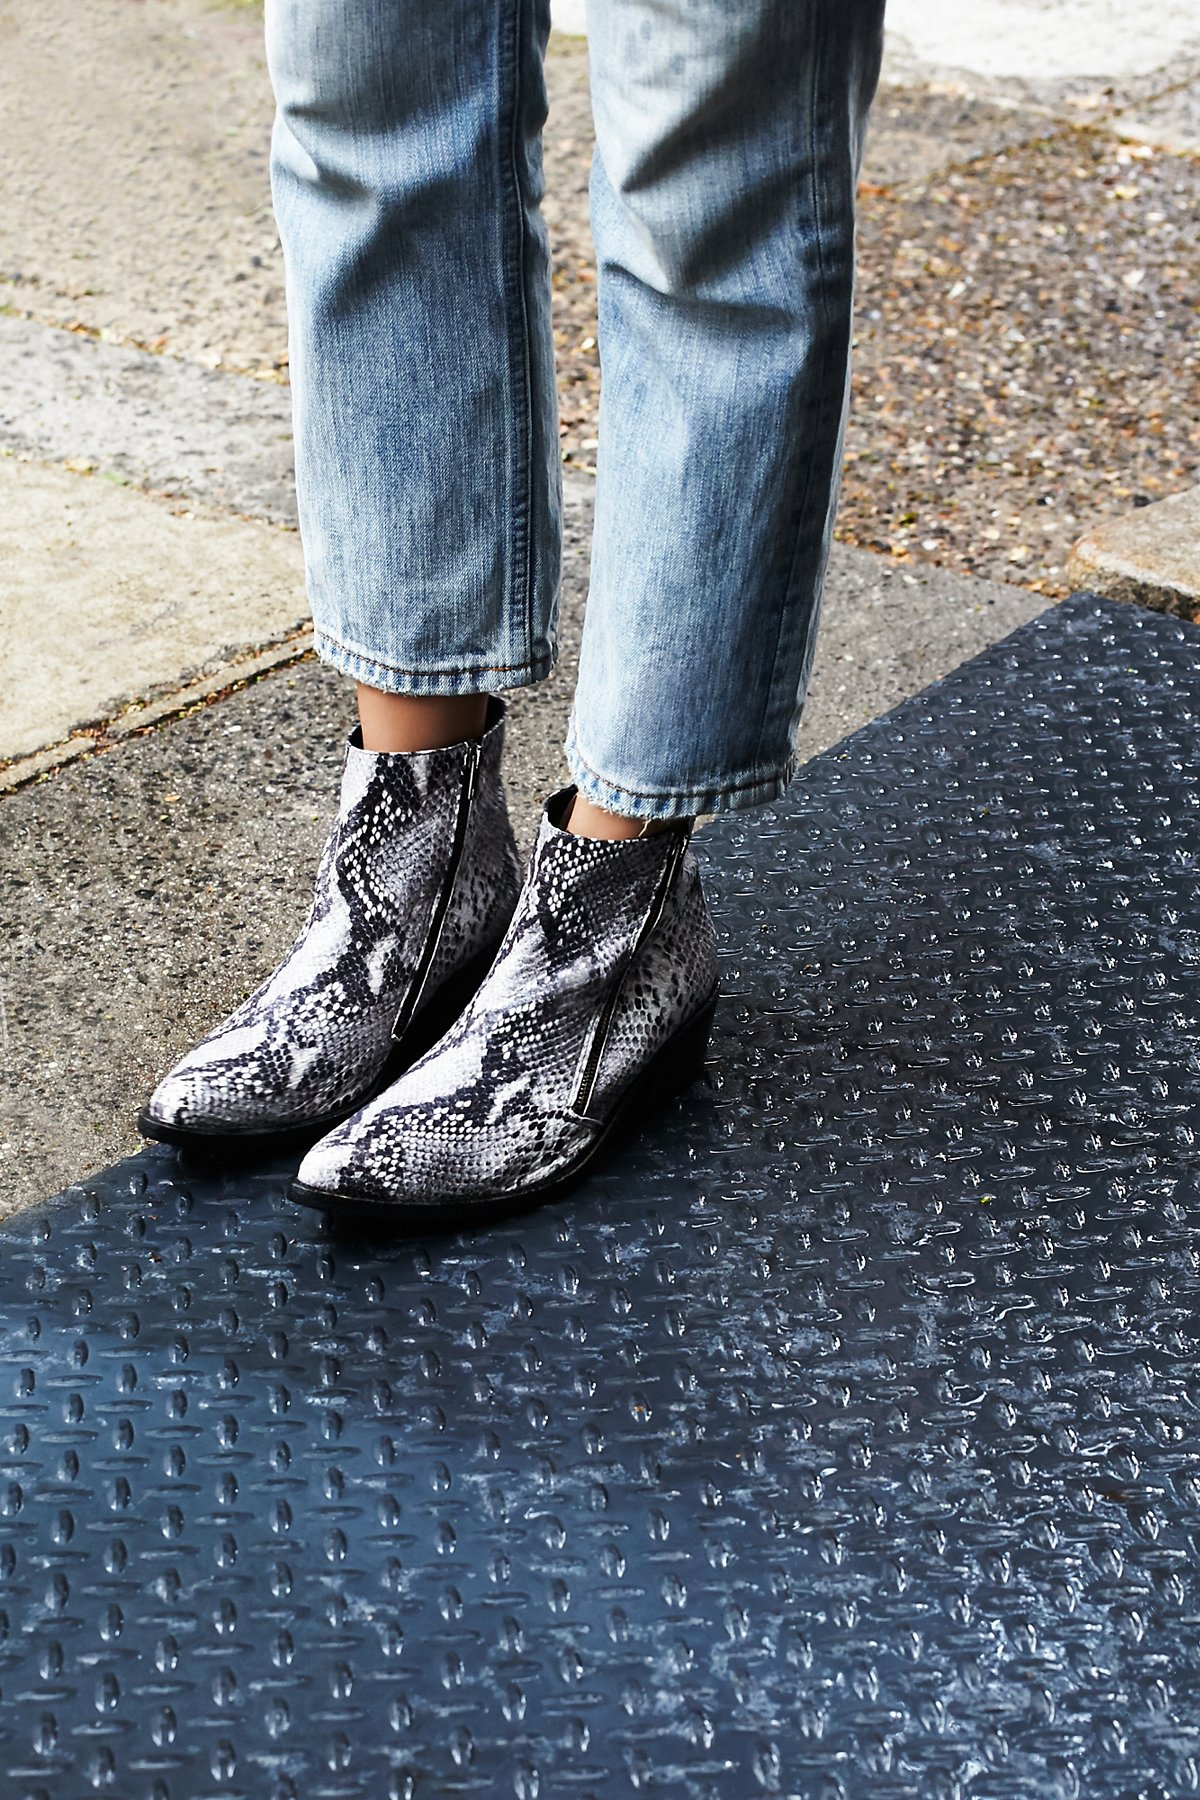 Crossings及踝靴